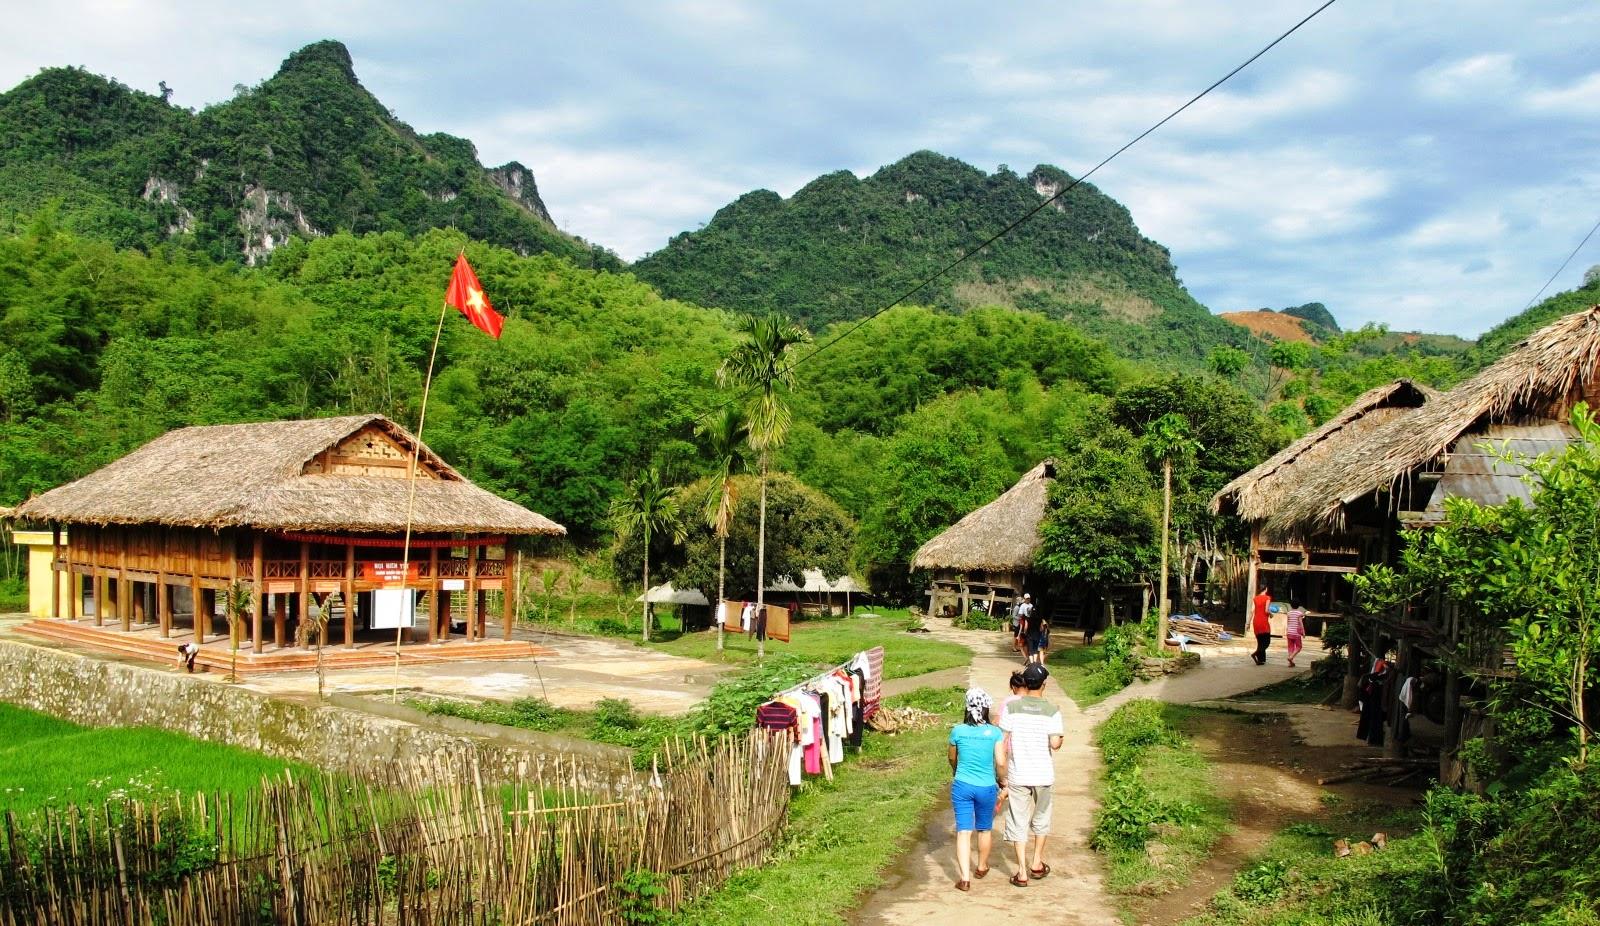 Vịt cổ xanh ResortĐịa điểm họp lớp gần Hà Nội